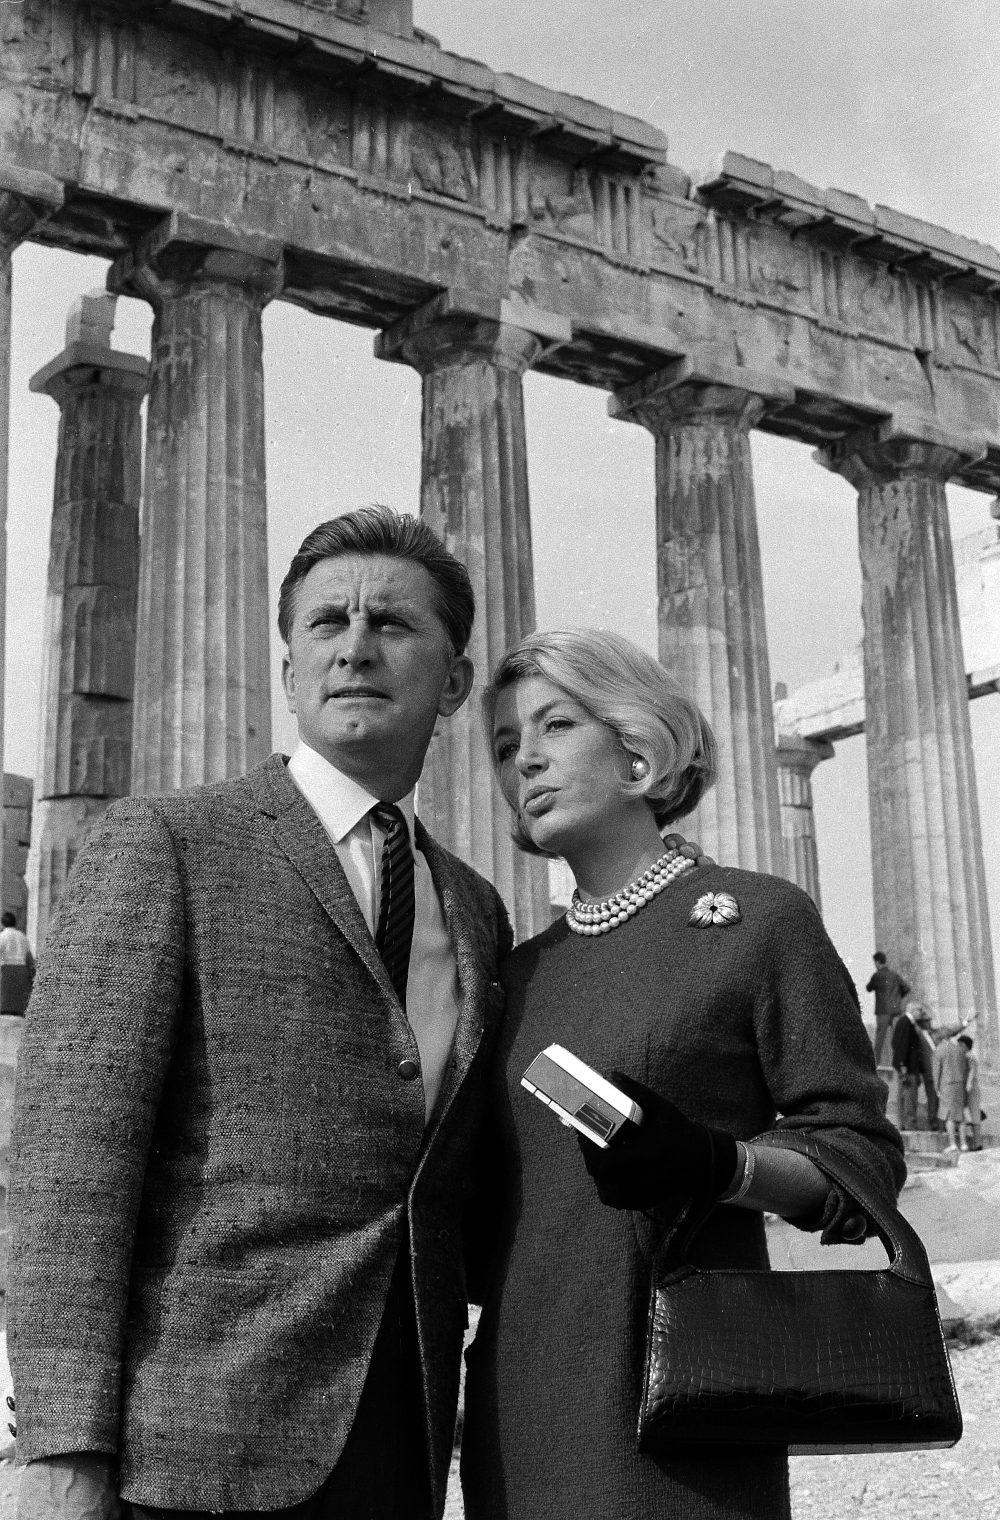 Ο Κερκ Ντάγκλας και η σύζυγός του Αν σε επίσκεψή τους στην Ακρόπολη